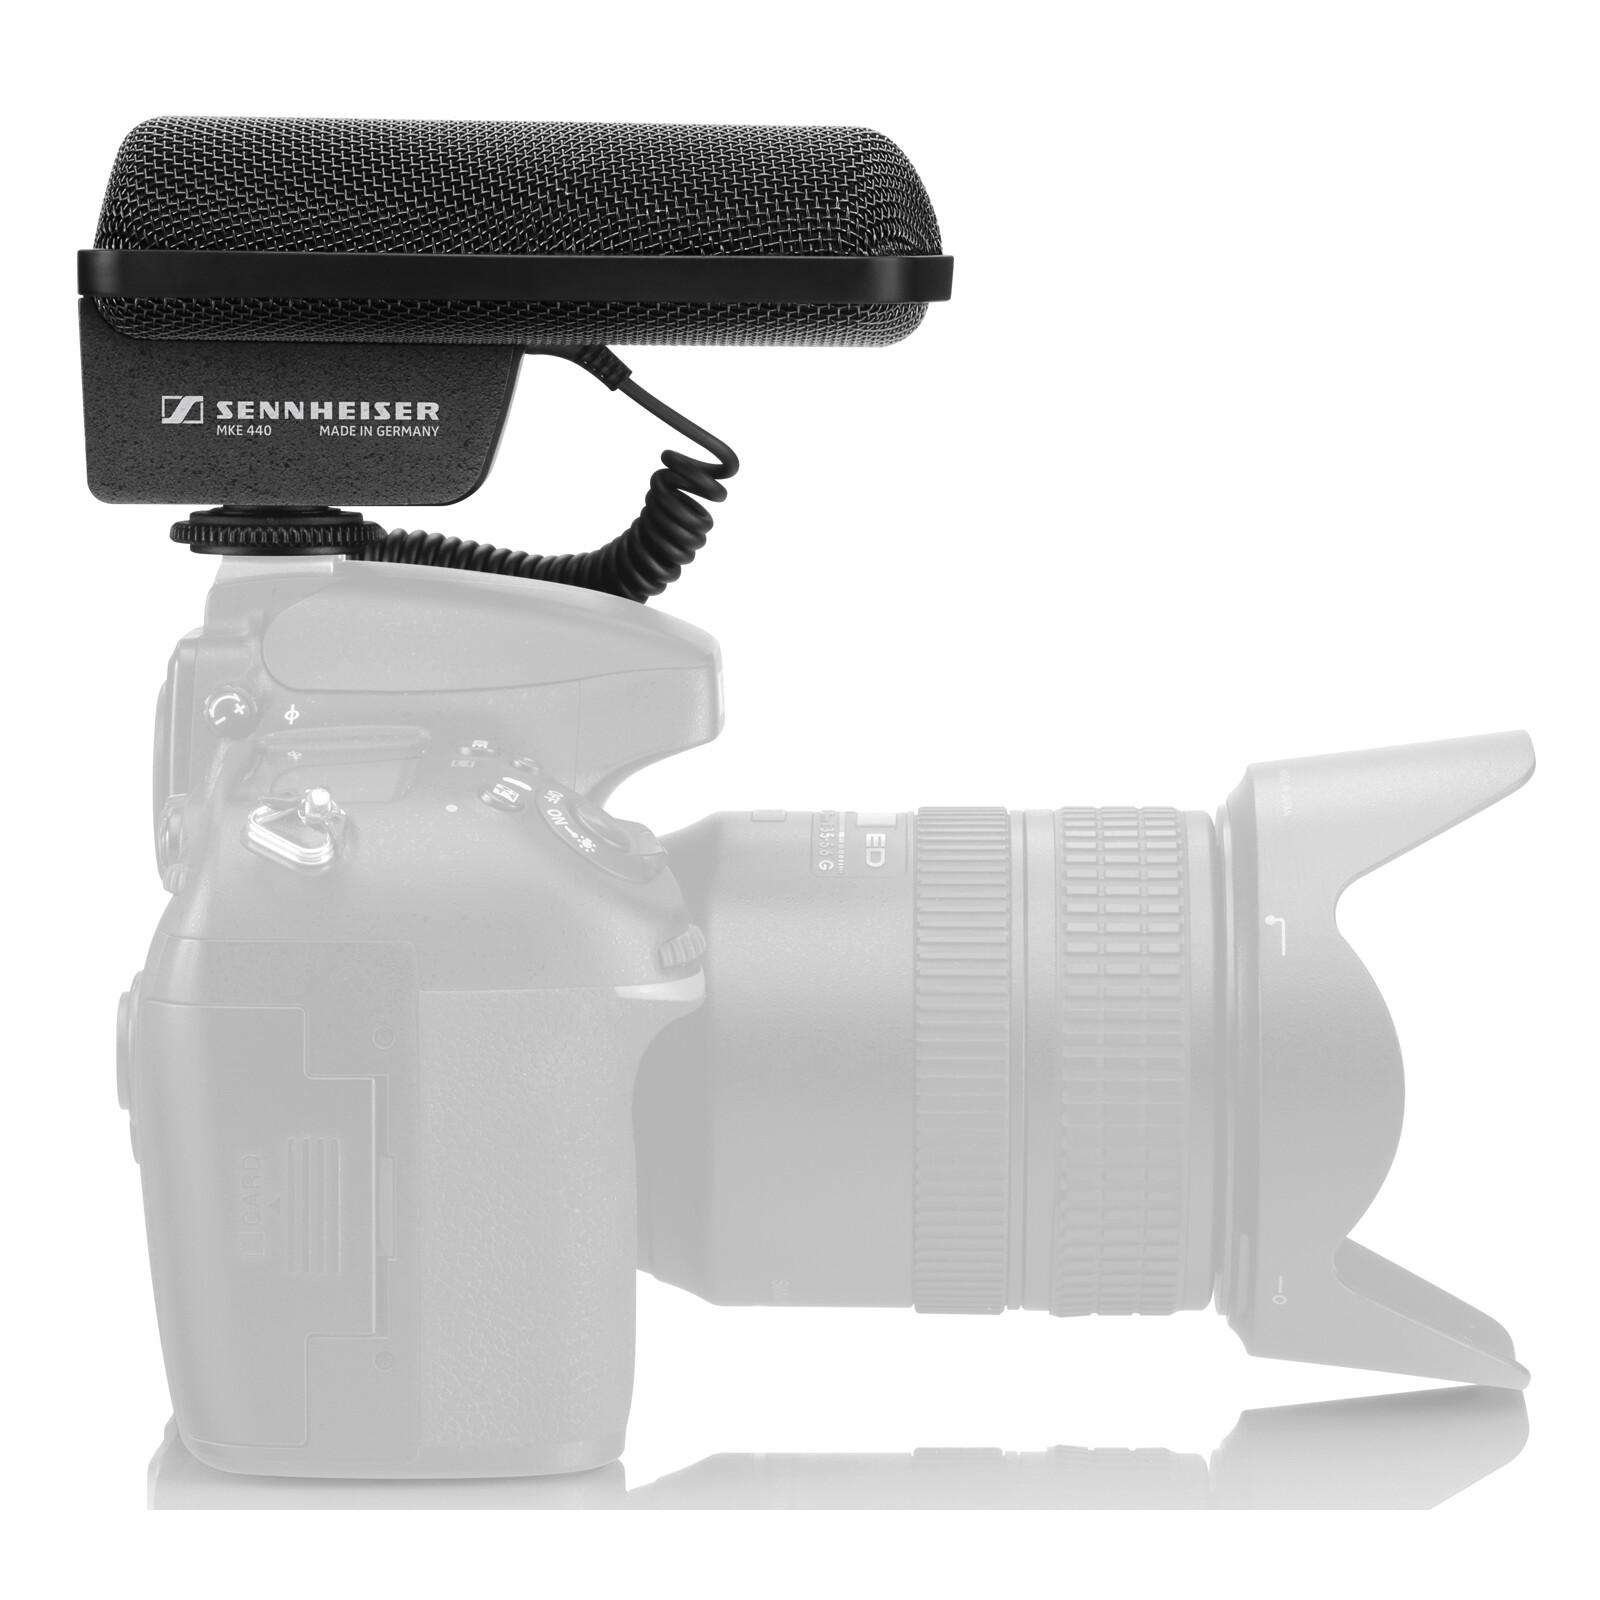 Sennheiser MKE 440 Shotgun Mikrofon